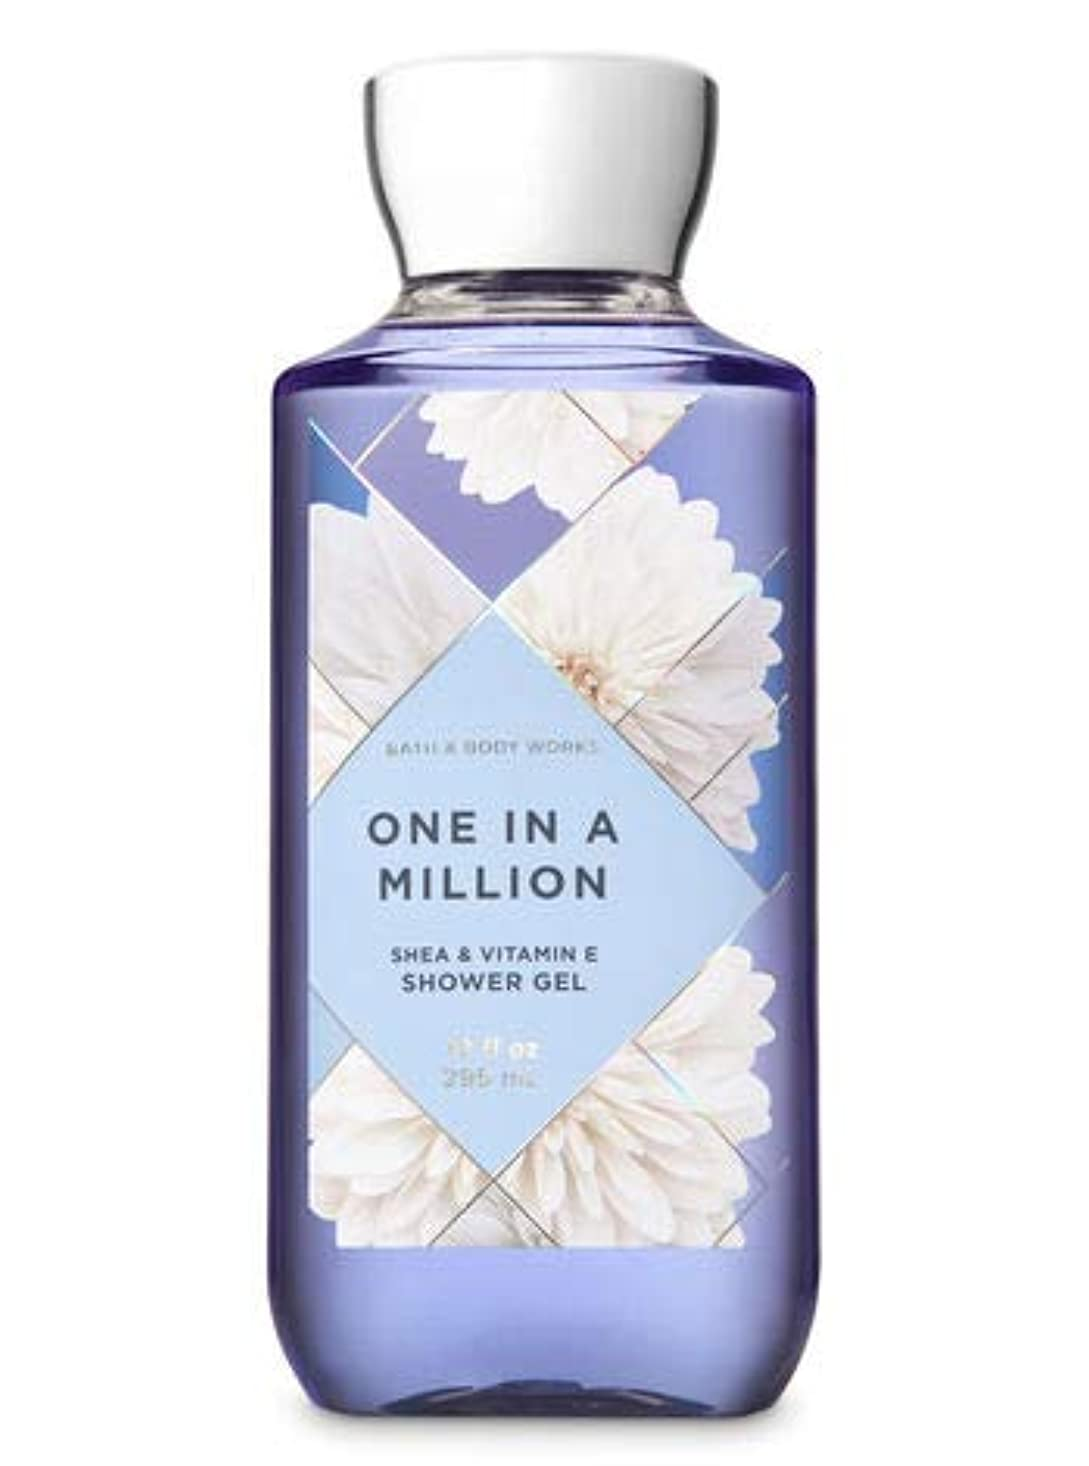 九コロニーレンダリング【Bath&Body Works/バス&ボディワークス】 シャワージェル ワンインアミリオン Shower Gel One in a Million 10 fl oz / 295 mL [並行輸入品]